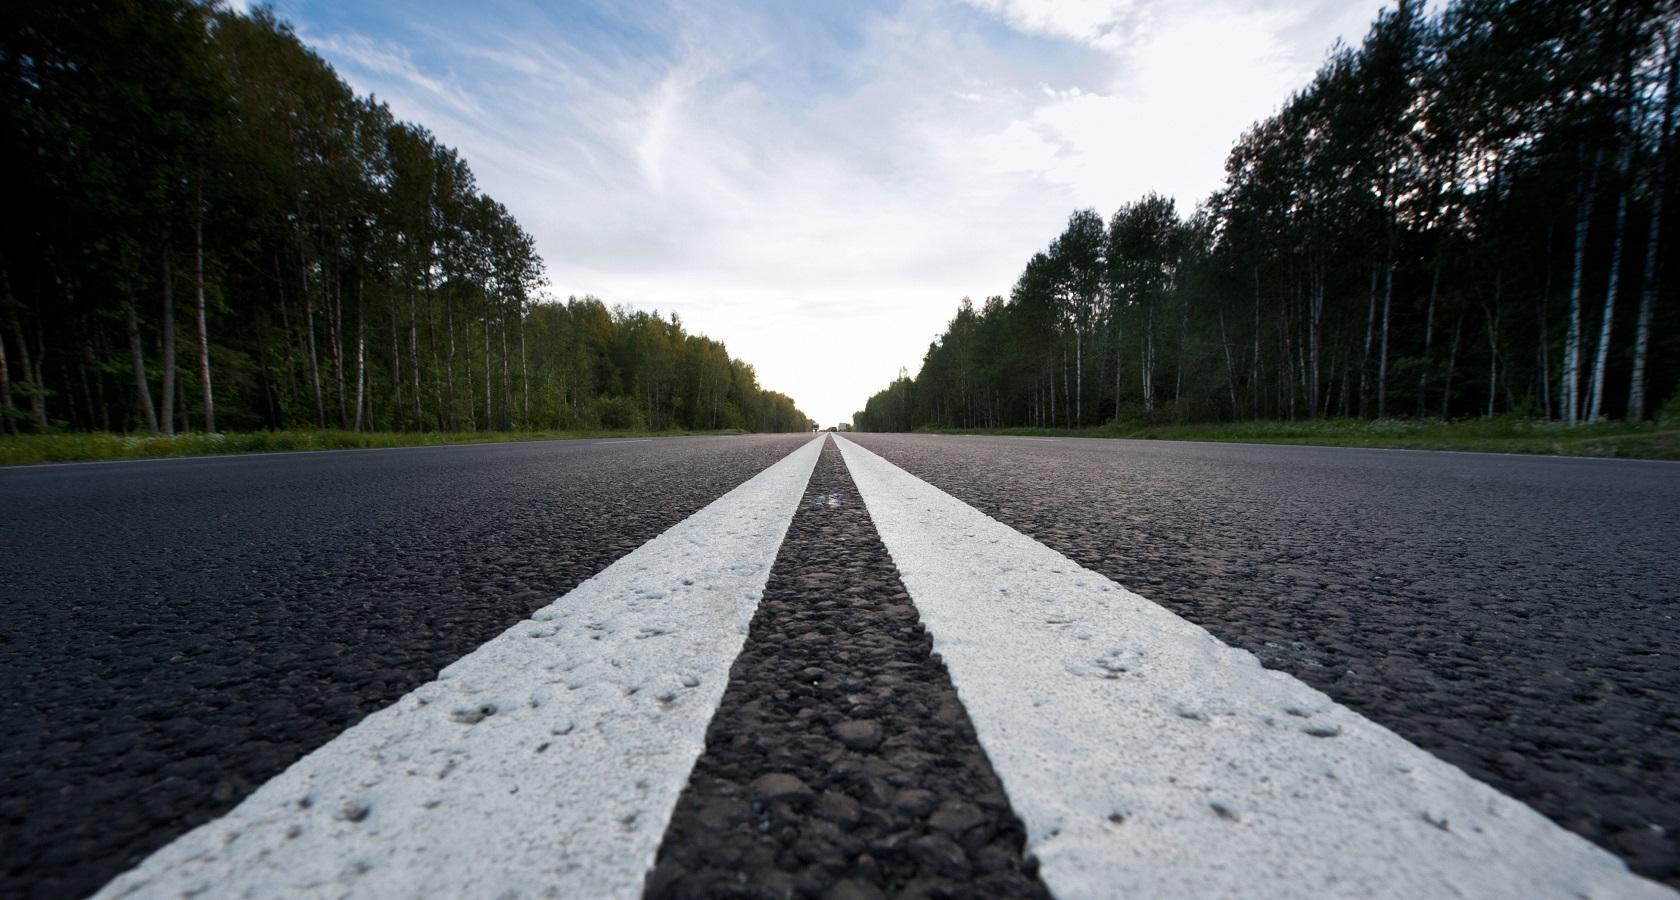 После завершения реконструкции подмосковный участок трассы М-1 «Беларусь» станет платным (фото: ГК «Автодор»)